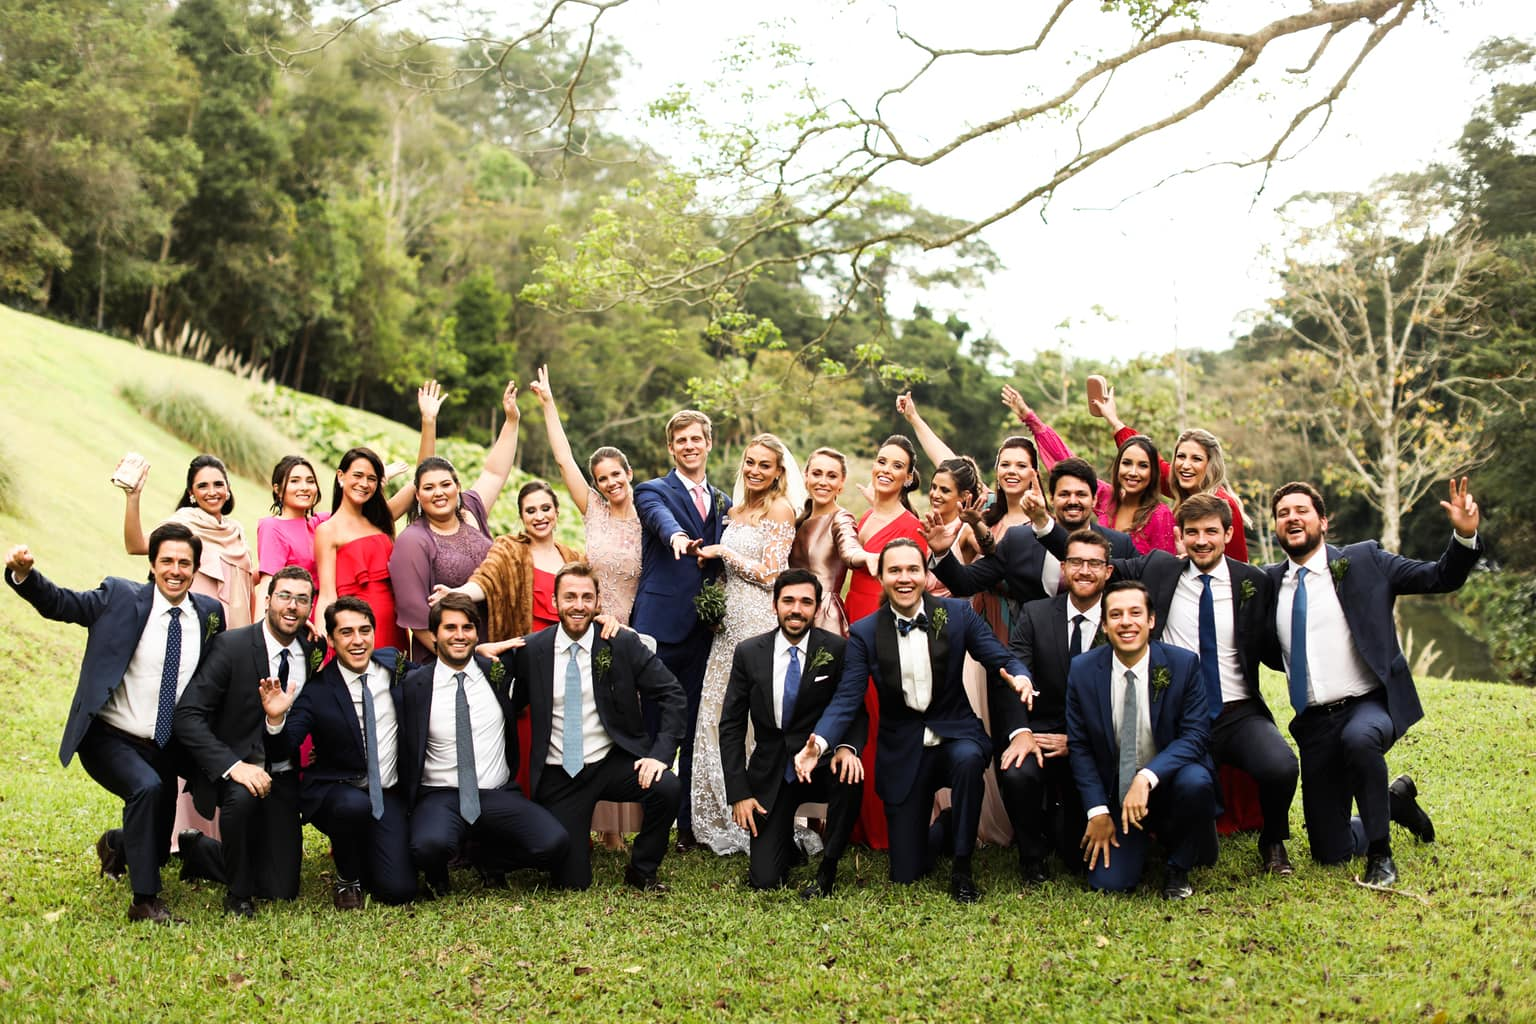 casamento-Pilar-e-Erick-Fotografia-Ana-Junqueira-casamento-no-campo-RJ-5